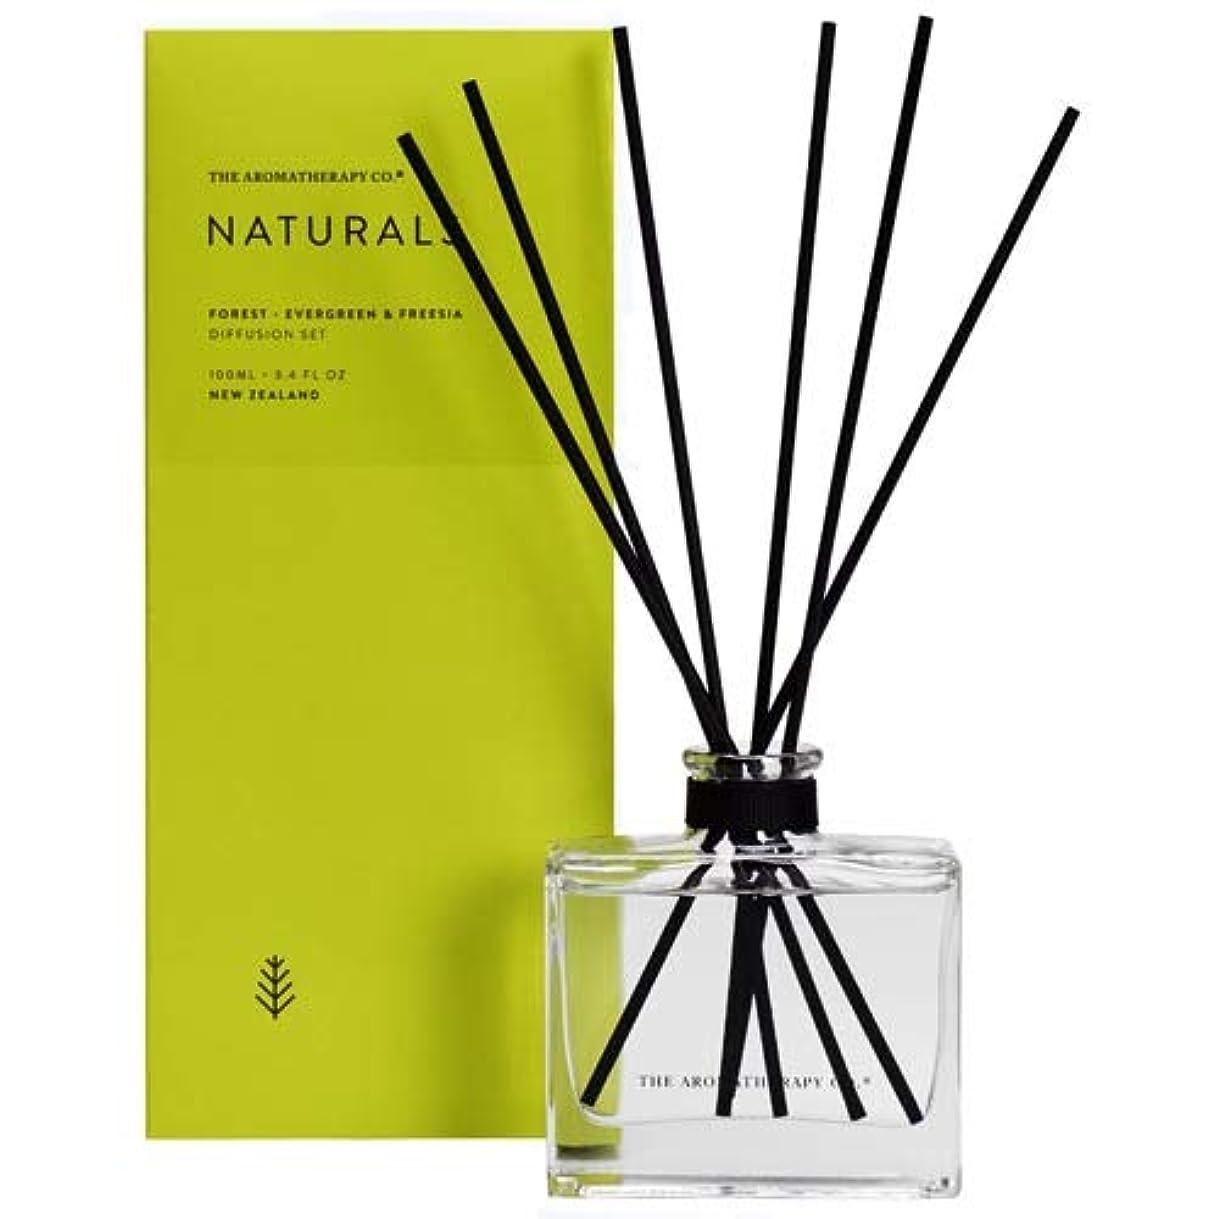 競争シチリアカップルnew NATURALS ナチュラルズ Diffusion Stick ディフュージョンスティック Forest フォレスト(森林)Evergreen & Freesia エバーグリーン&フリージア